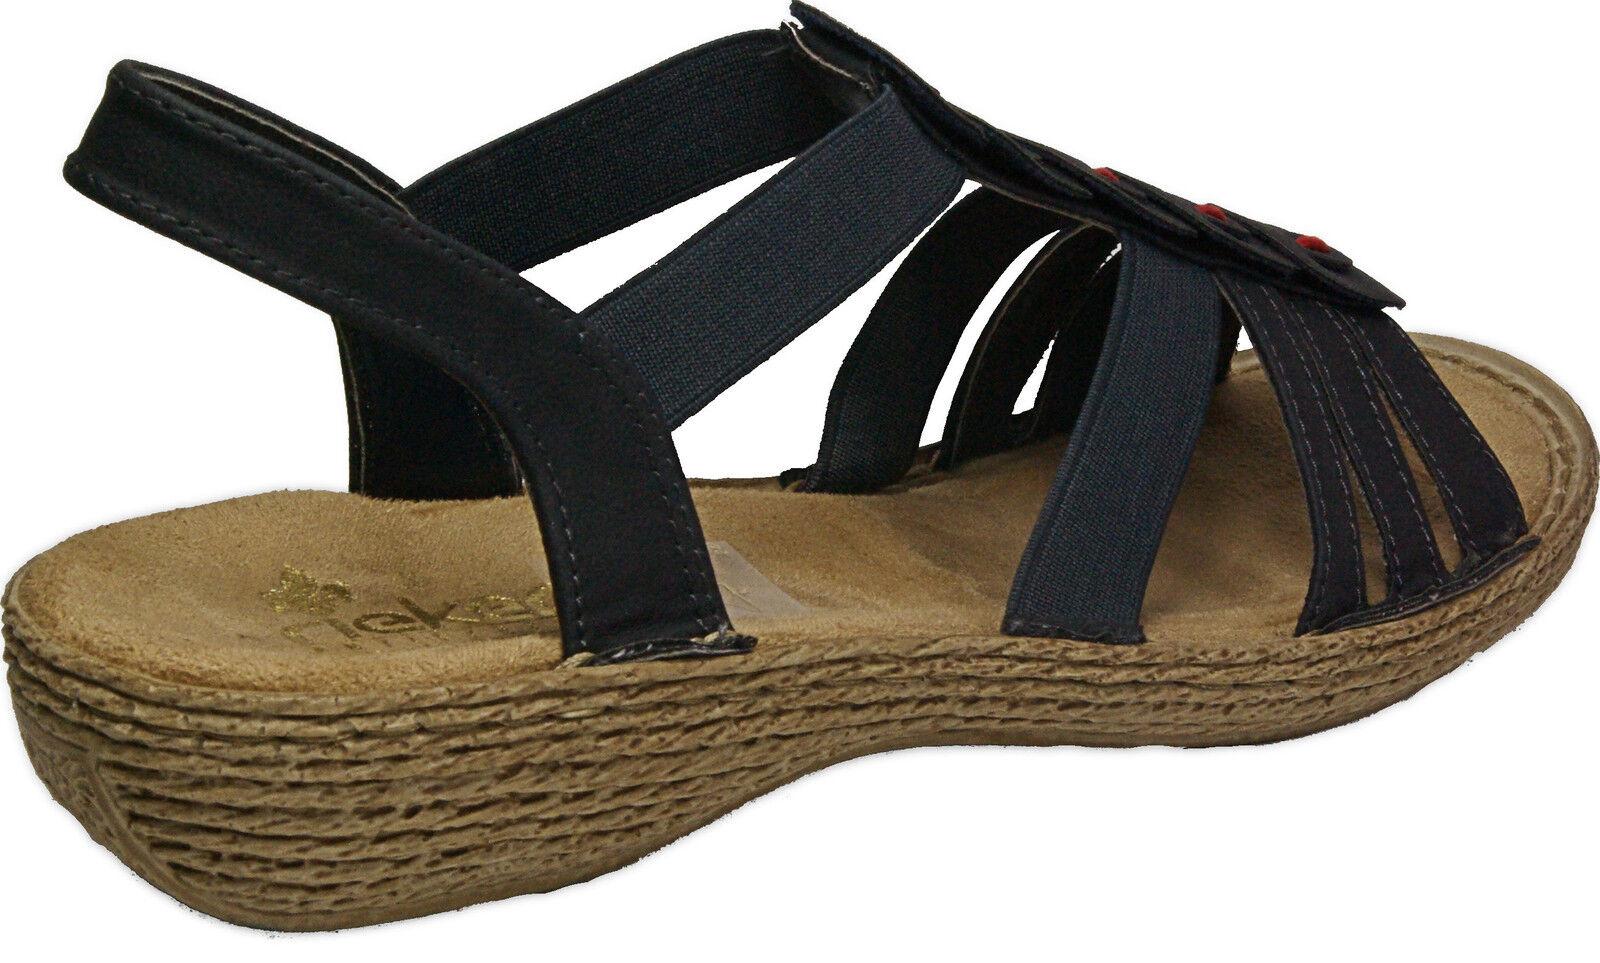 RIEKER Sandalen Schuhe Sandalen RIEKER Riemchen Sandaletten blau NEU b1e1b7